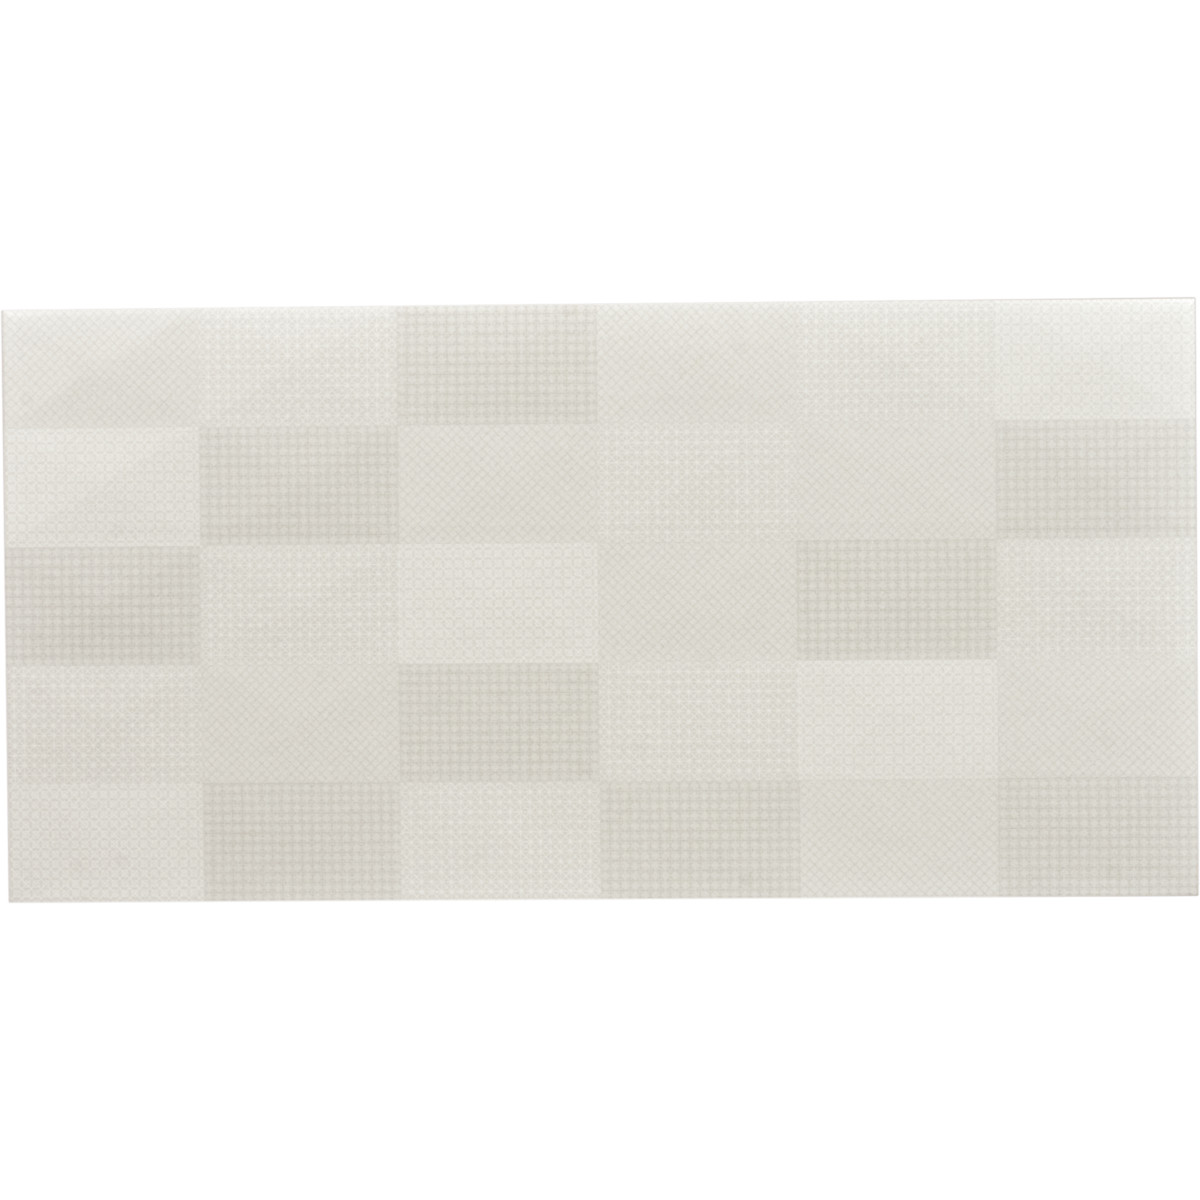 Плитка настенная Пантон 7С 60x30 см 1.98 м² цвет светло-серый